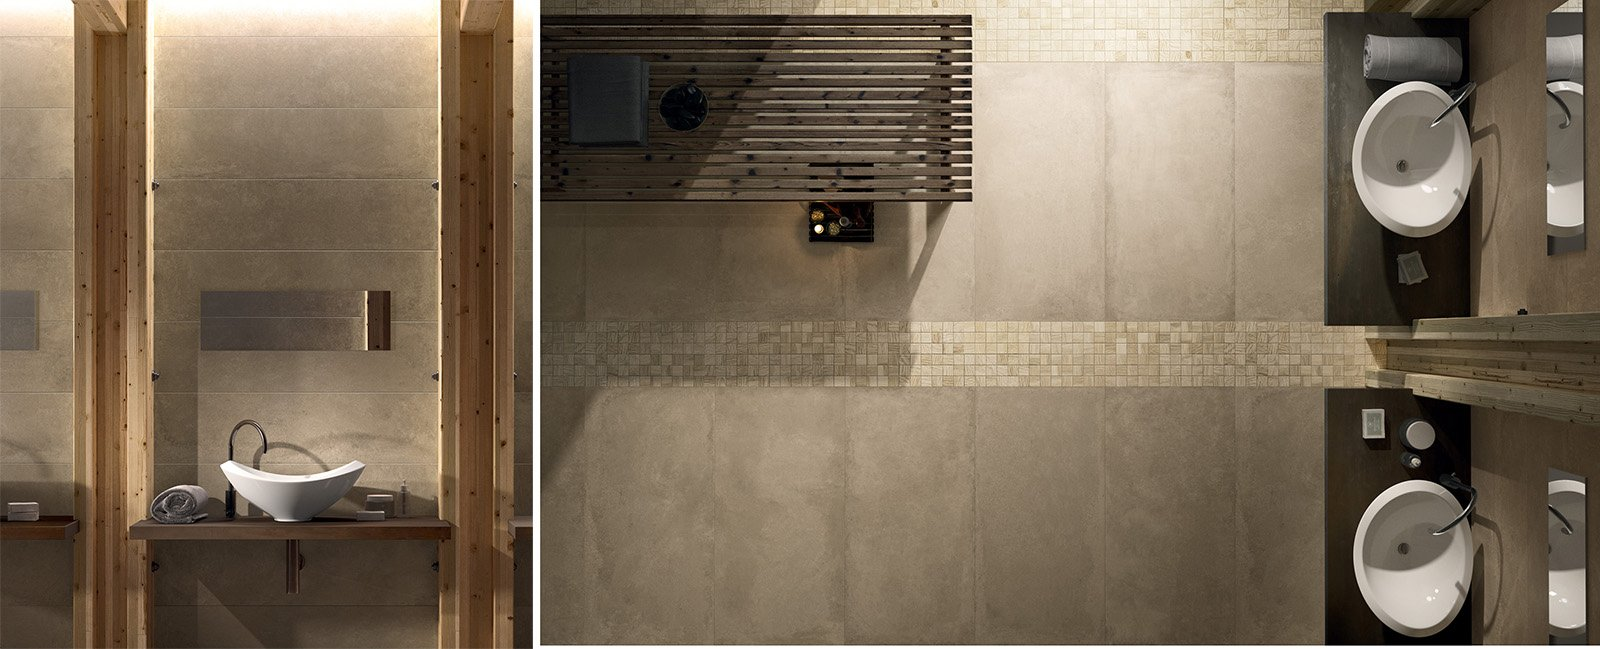 Bagno con finiture cemento o effetto cemento cose di casa - Parete effetto cemento ...